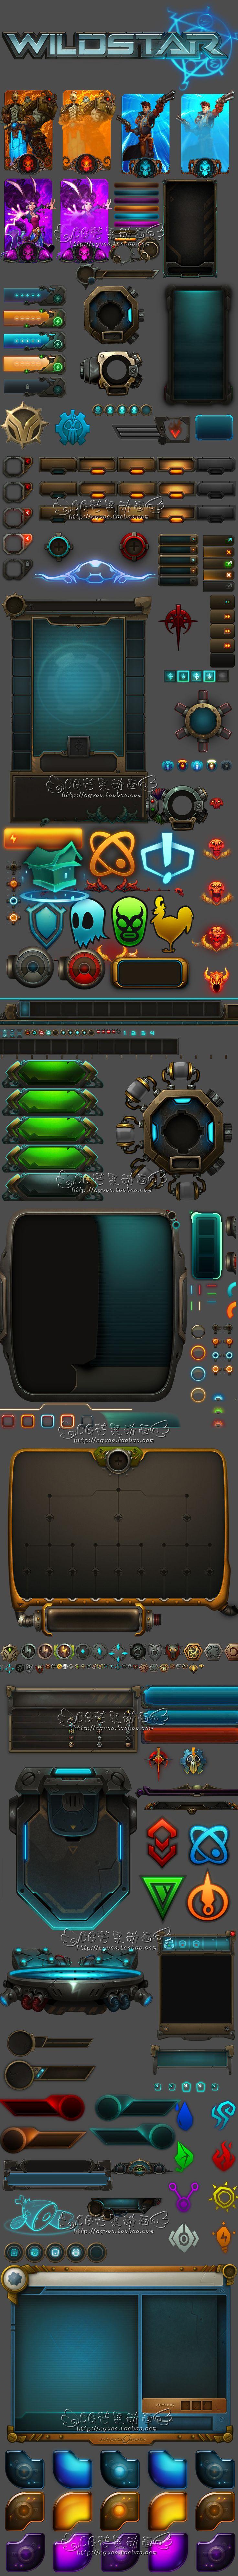 【游戏美术资源】韩国手游《WildStar》科技机械金属风UI素材/图标icon/界面/截图